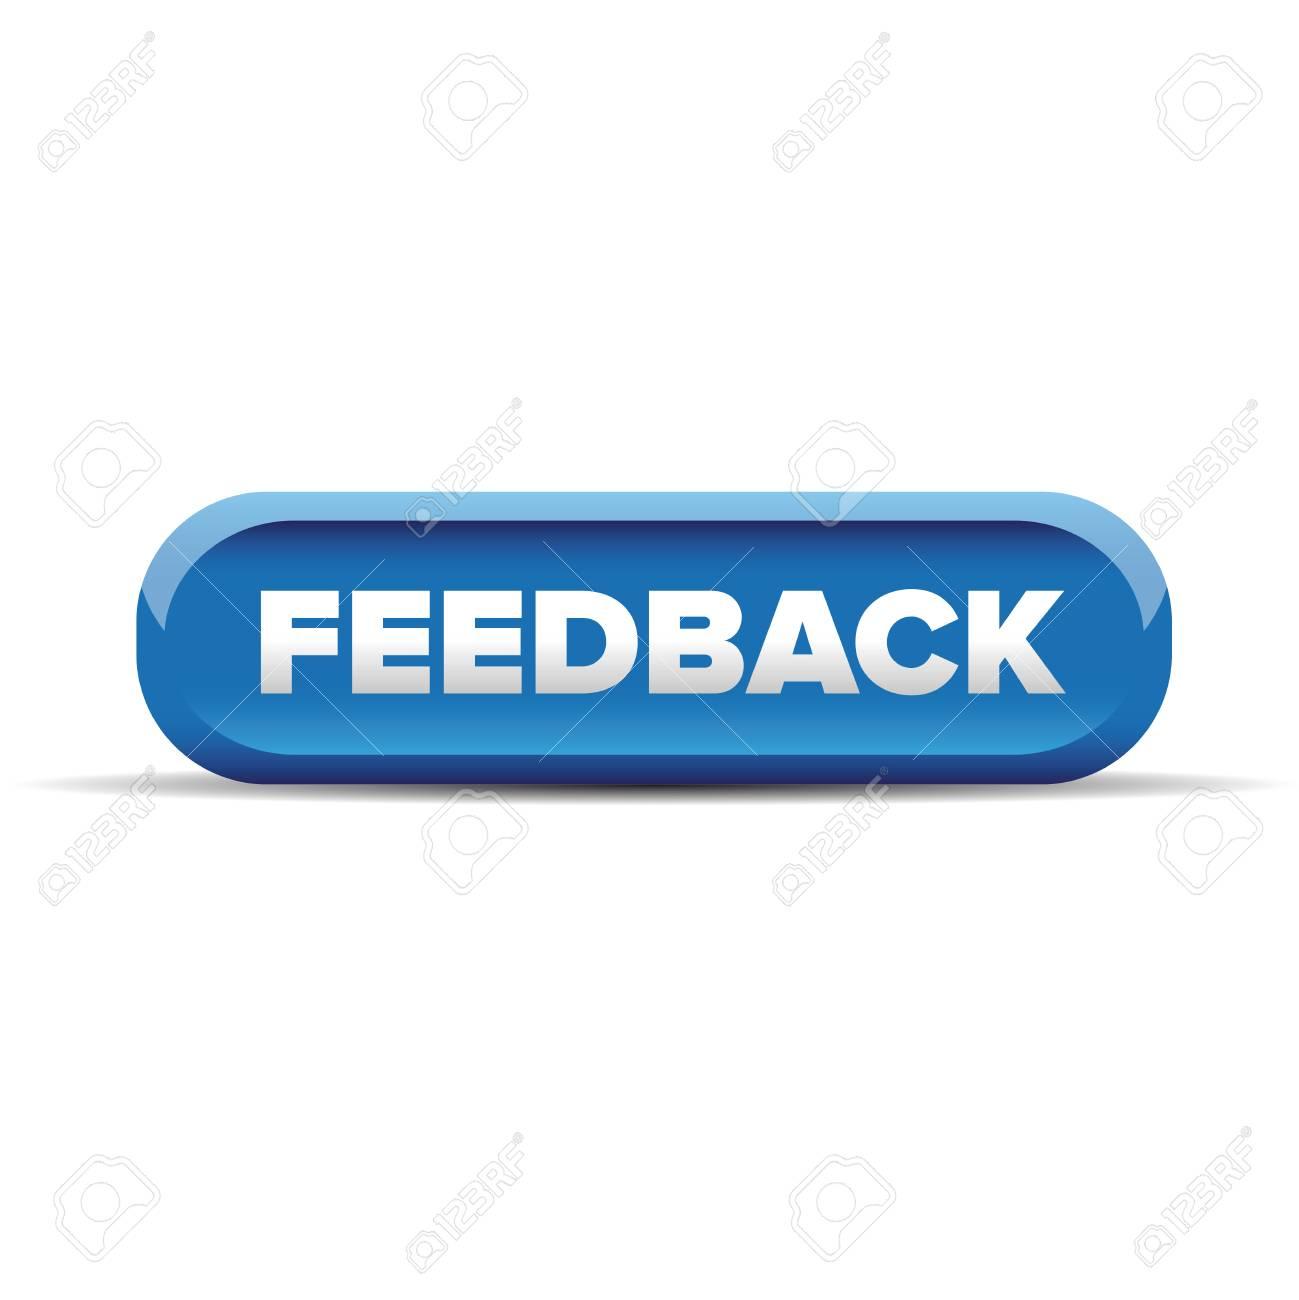 Feedback Button Blue Vector Stock Vector-Feedback button blue vector Stock Vector - 49307938-8